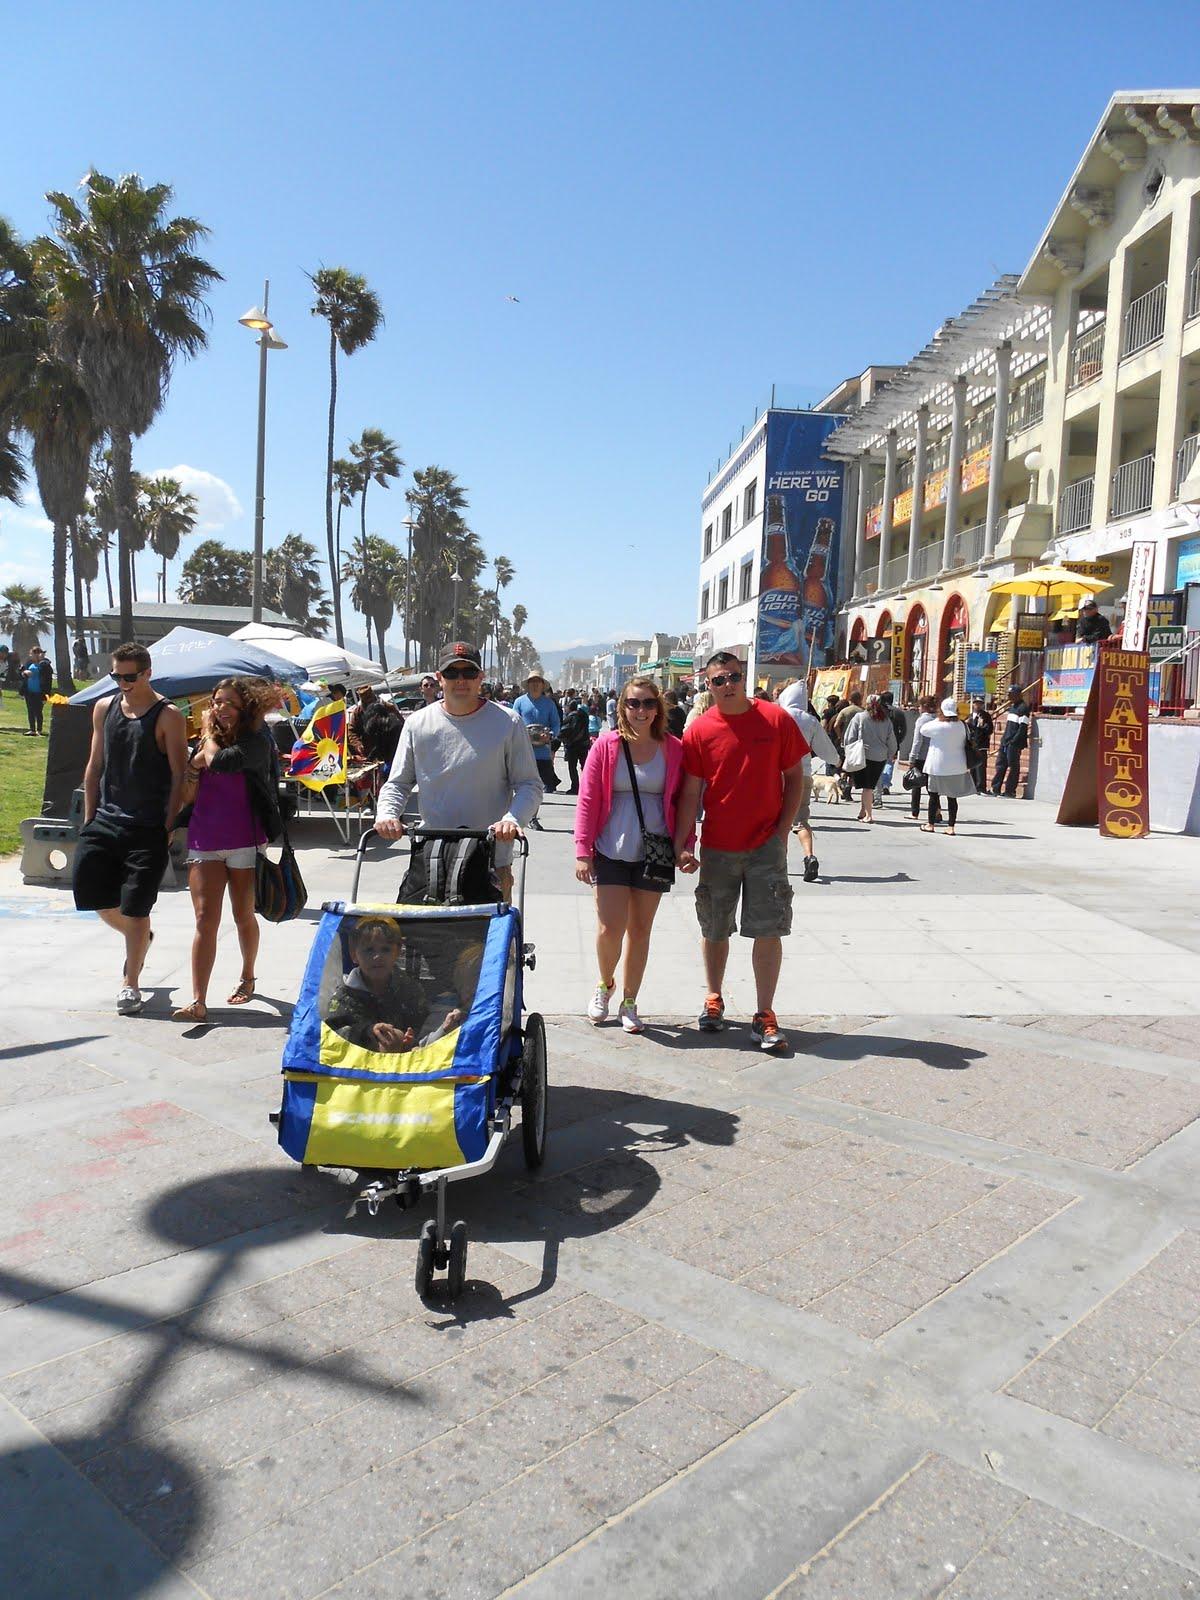 The Archers: Venice Beach Anyone?